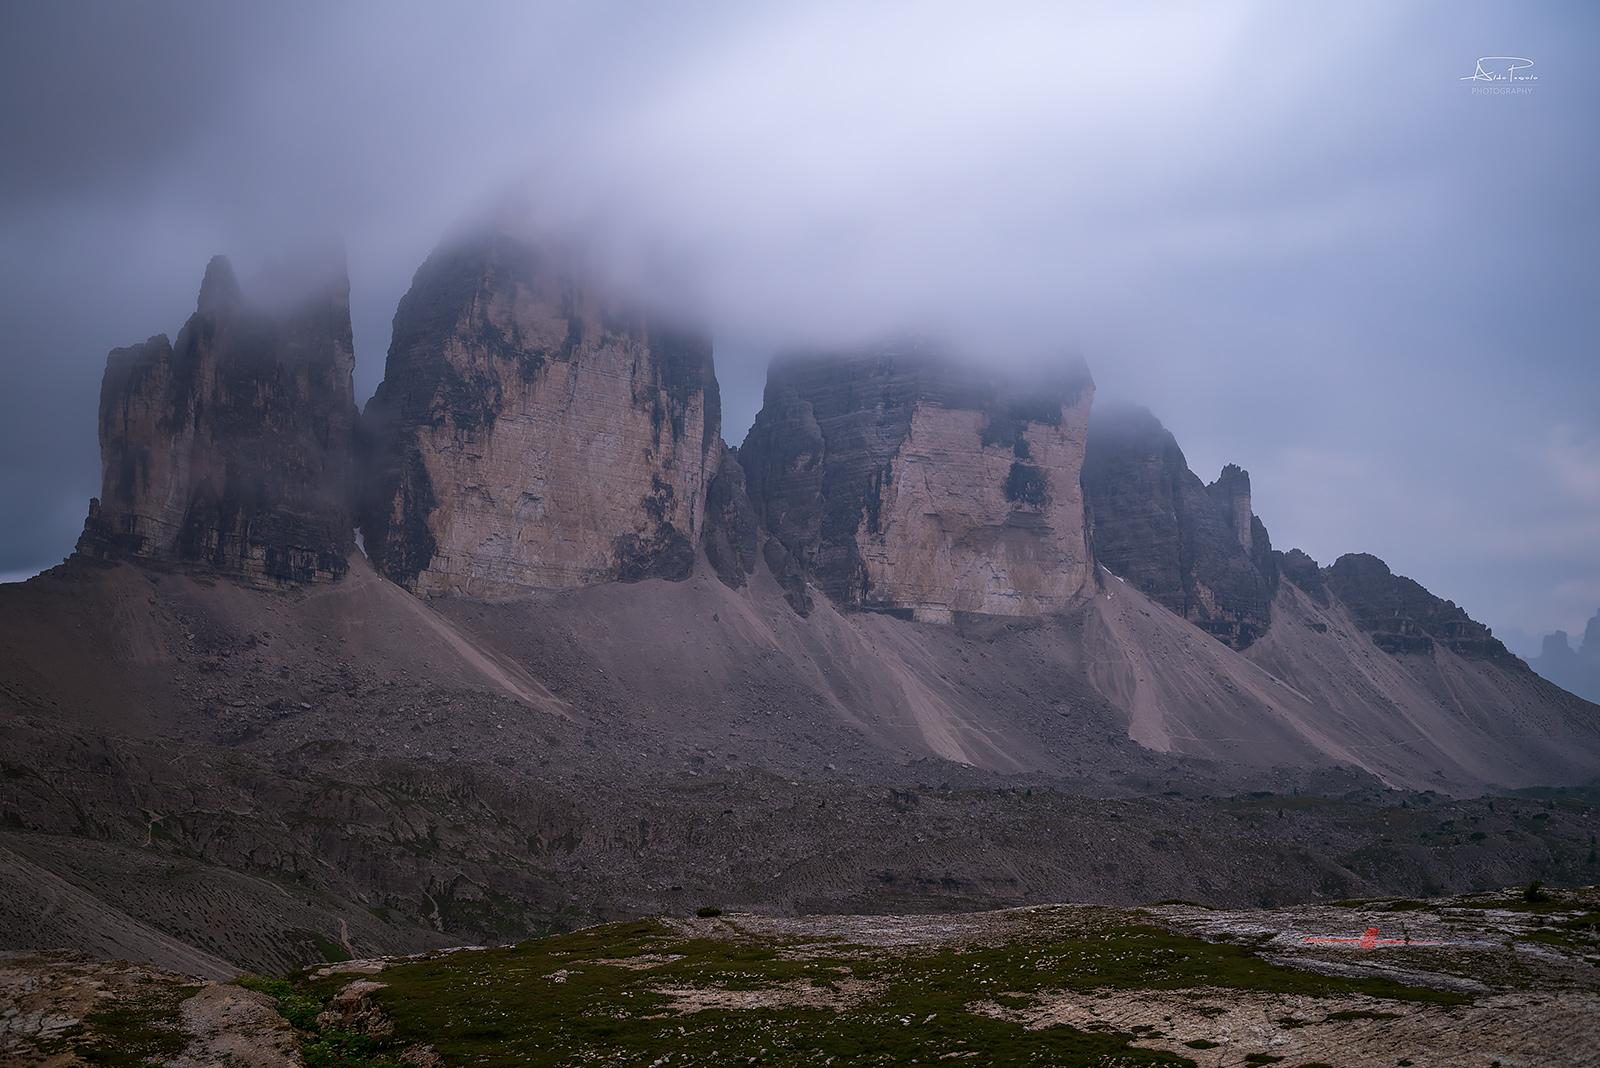 Three laveredo peaks...